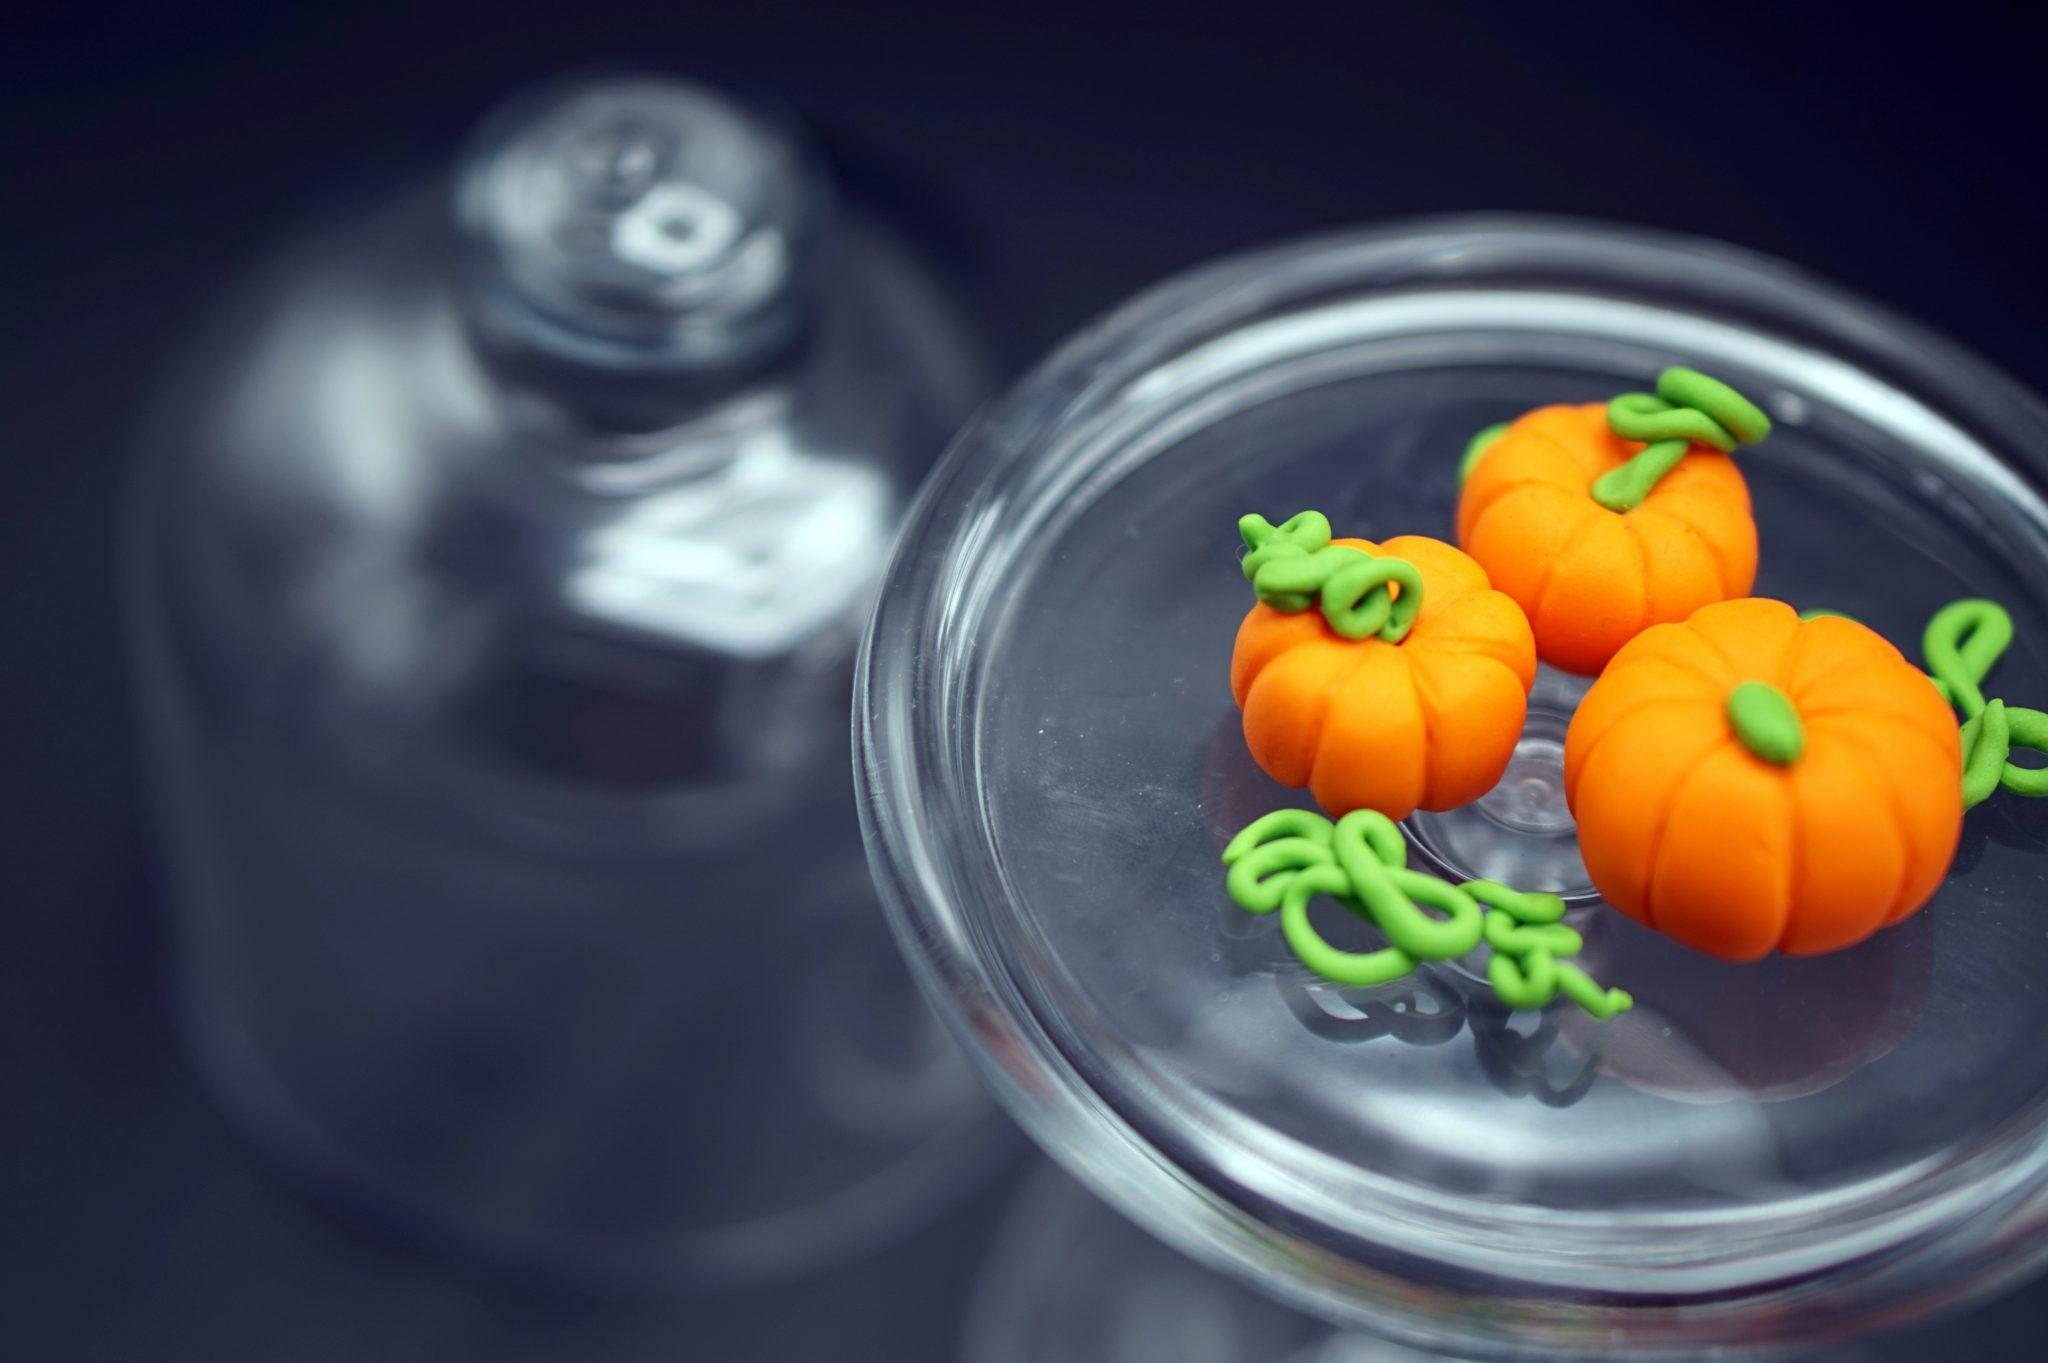 Foto Di Halloween.Zucche Di Halloween Pasta Di Zucchero